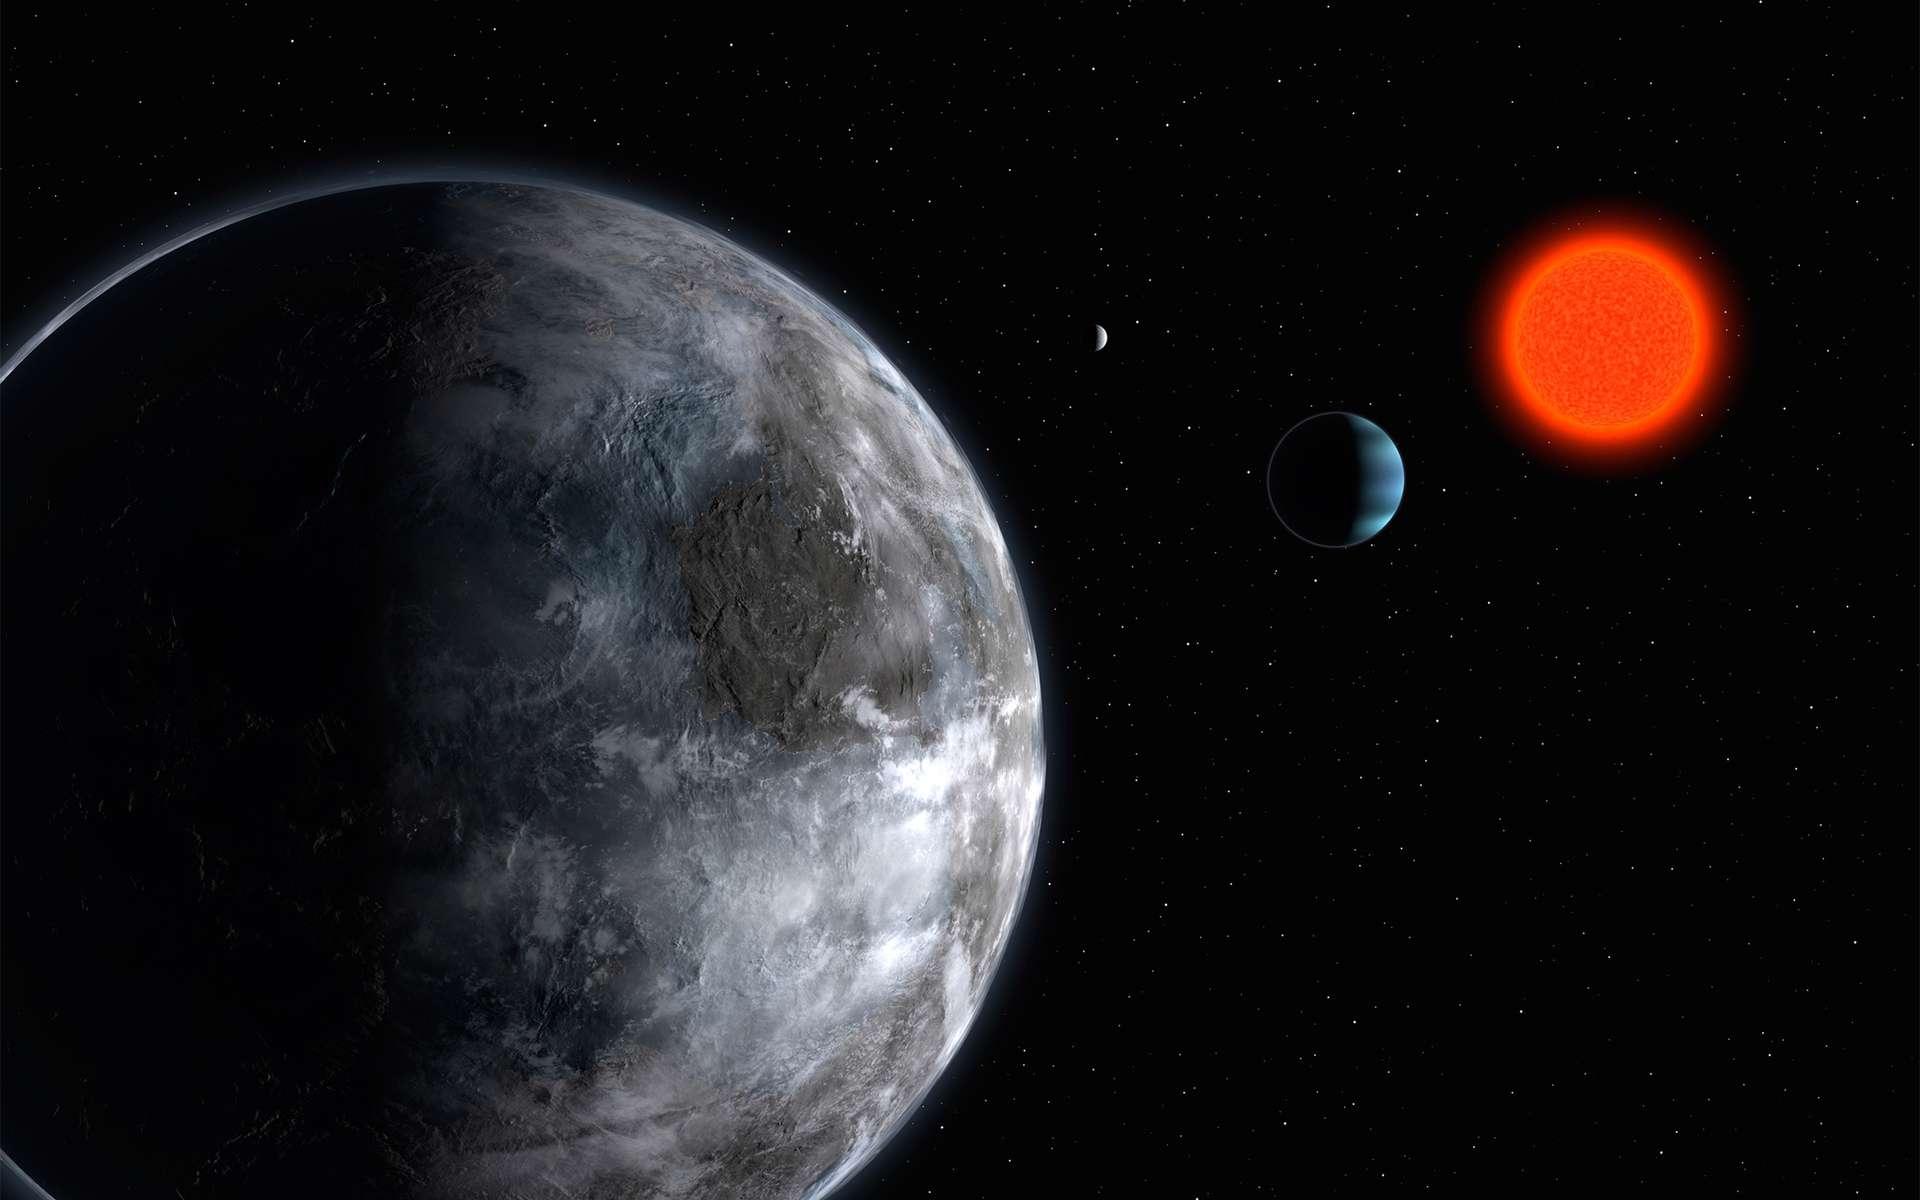 Vue d'artiste de l'exoplanète Gliese 581, découverte par le spectromètre Harps, aujourd'hui supplanté par Expresso. © ESO